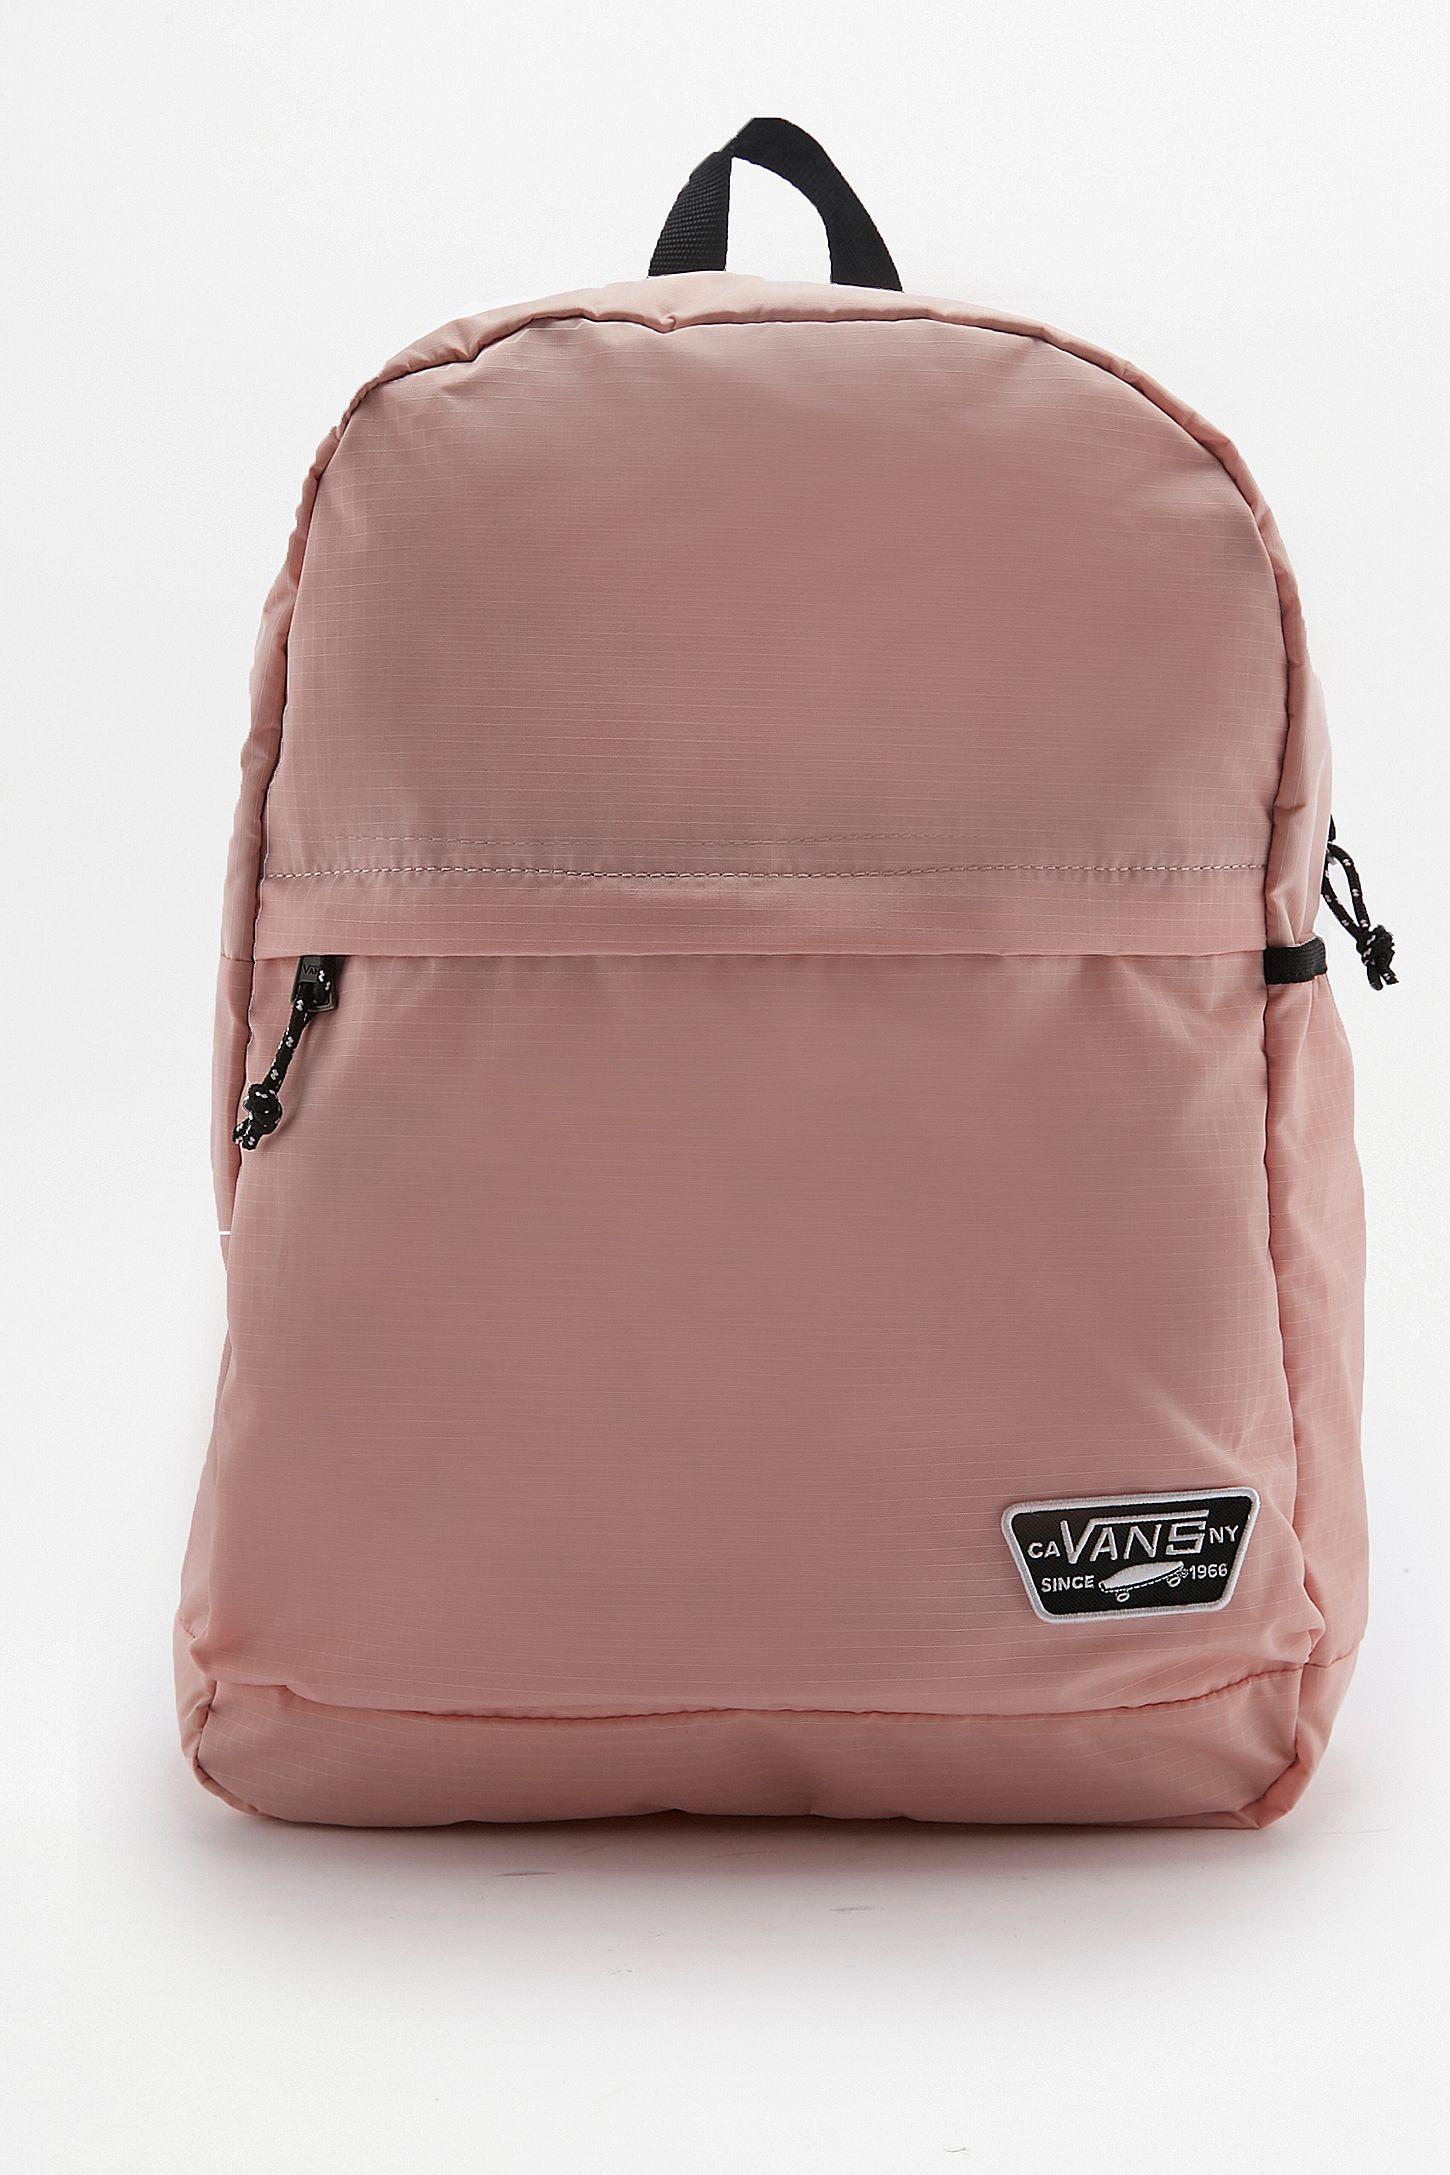 49144e406d6005 Vans Pep Squad Pink Backpack